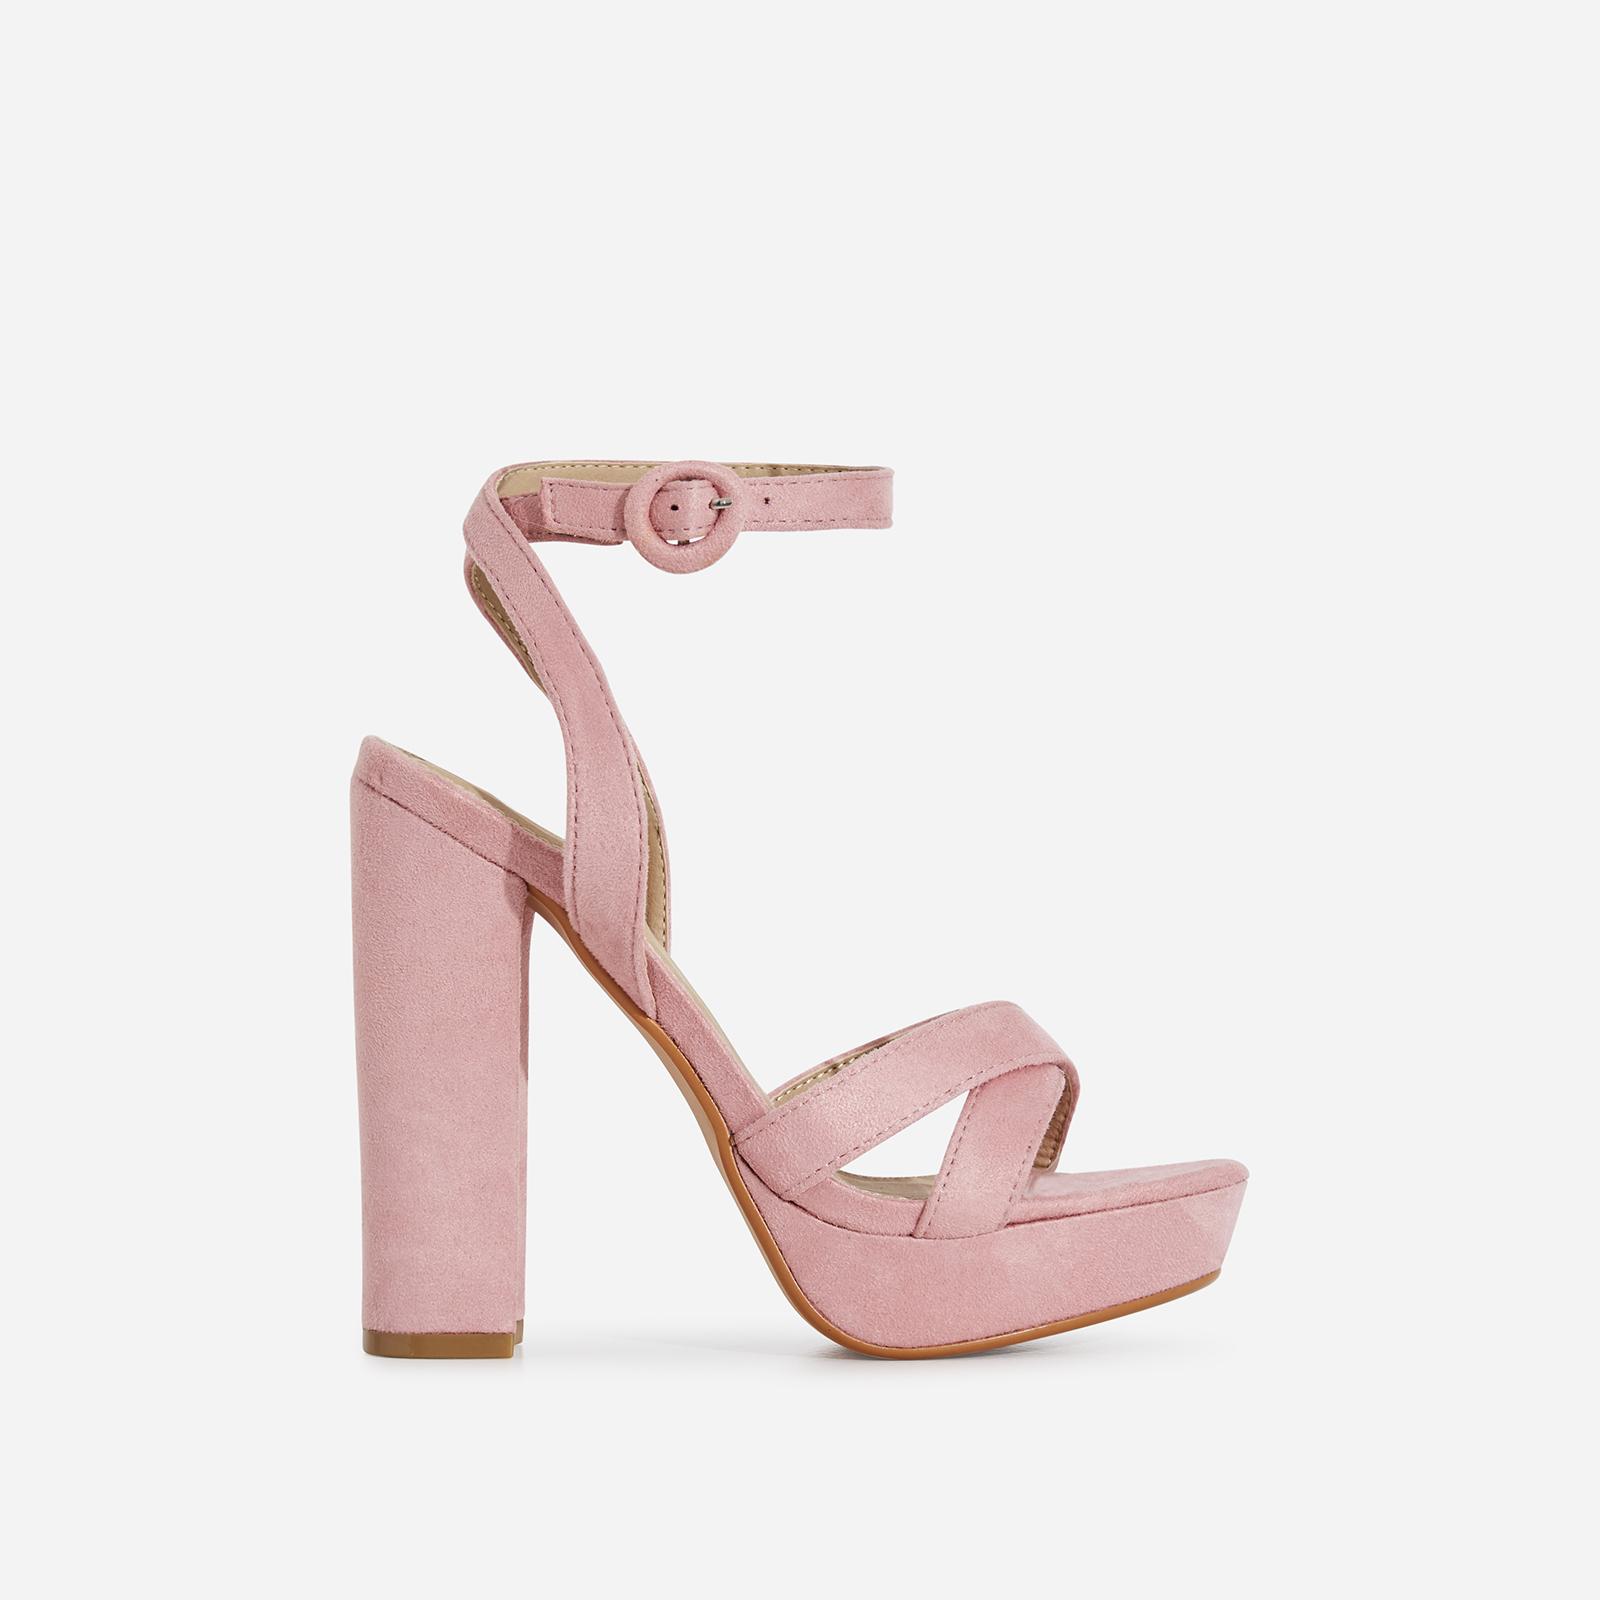 Amie Platform Heel In Blush Pink Faux Suede